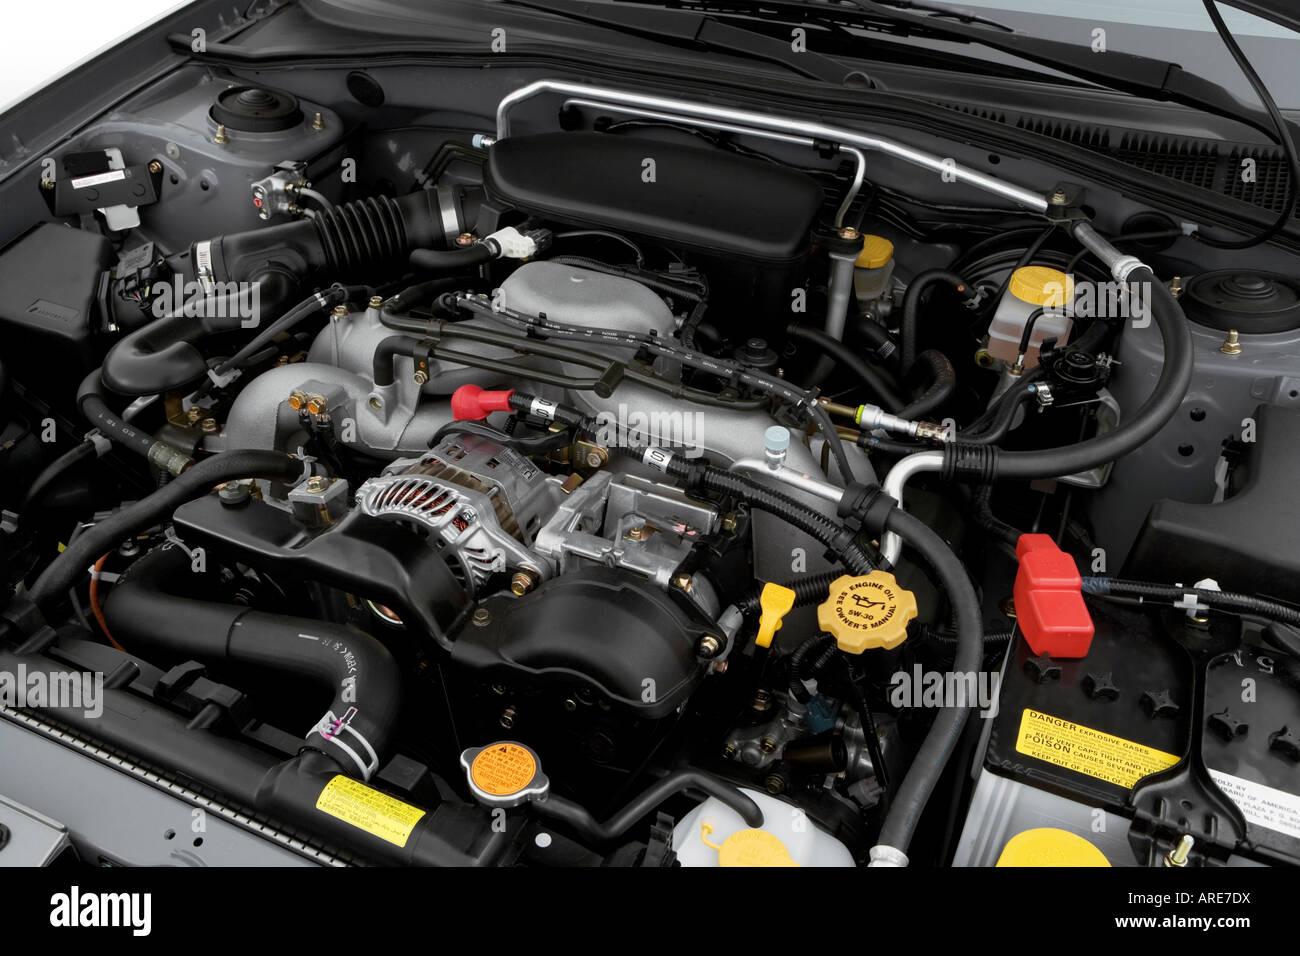 2006 subaru impreza 2.5i in gray - engine stock photo, royalty